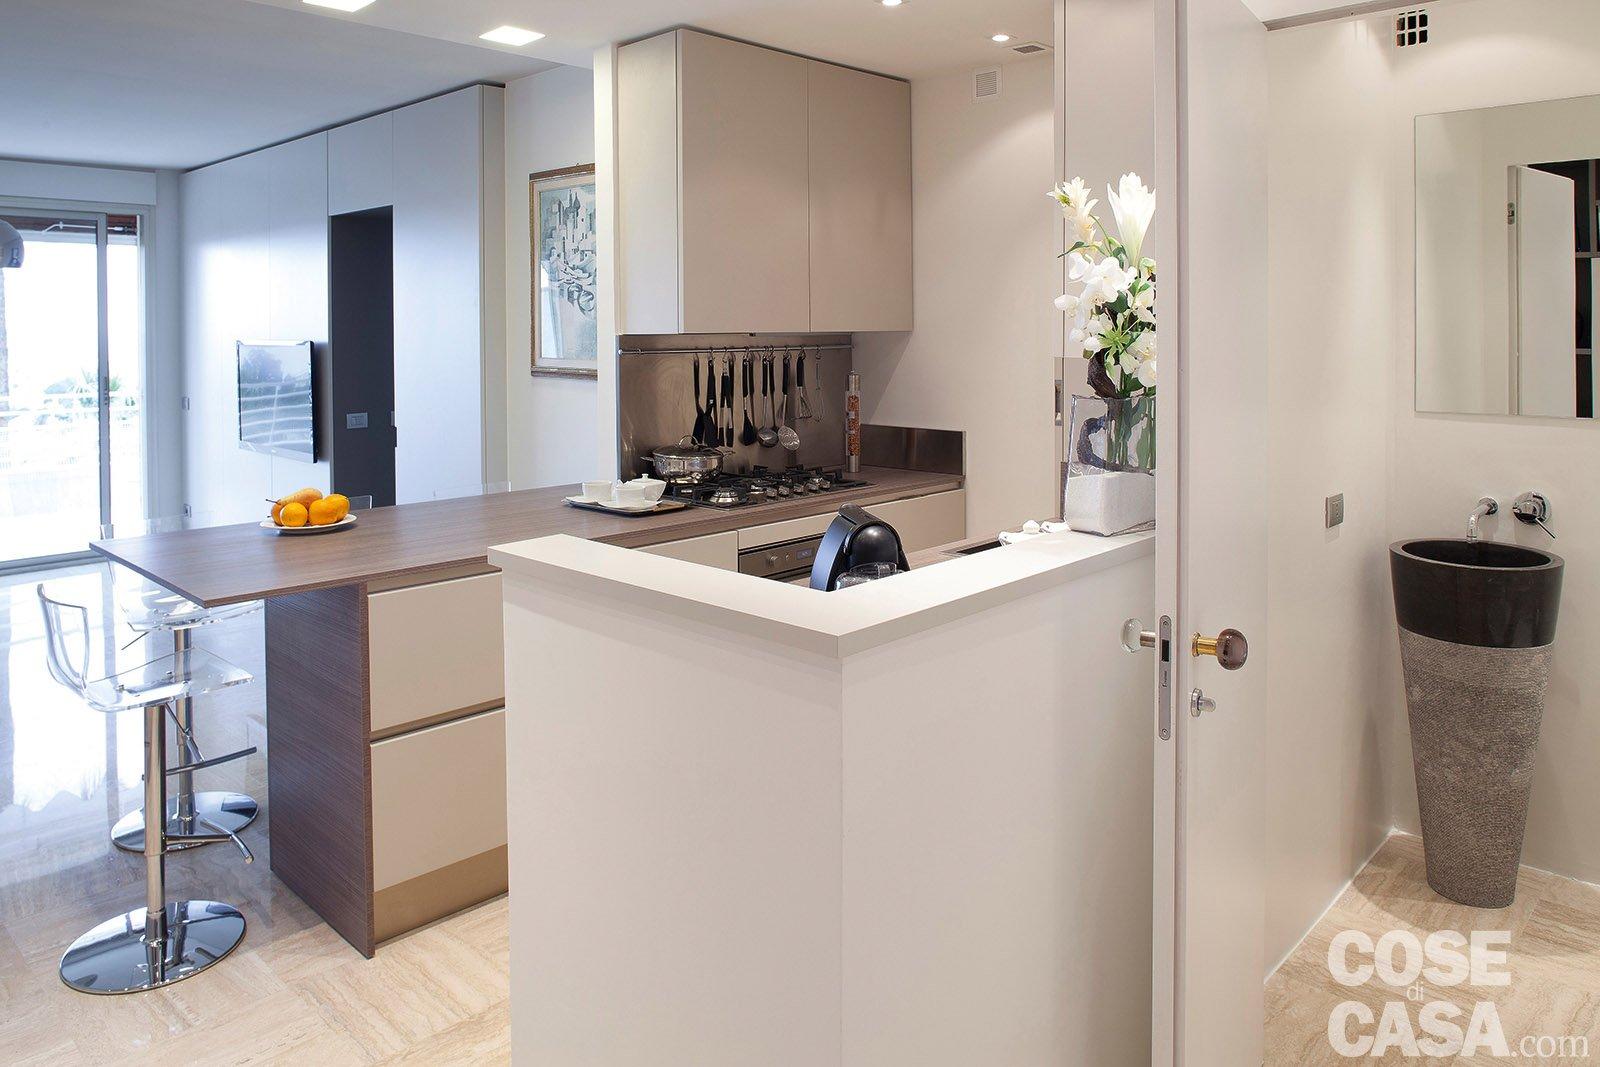 Camera Ospiti Per Vano Cucina : In 57 mq due bagni per la casa dagli incastri perfetti cose di casa